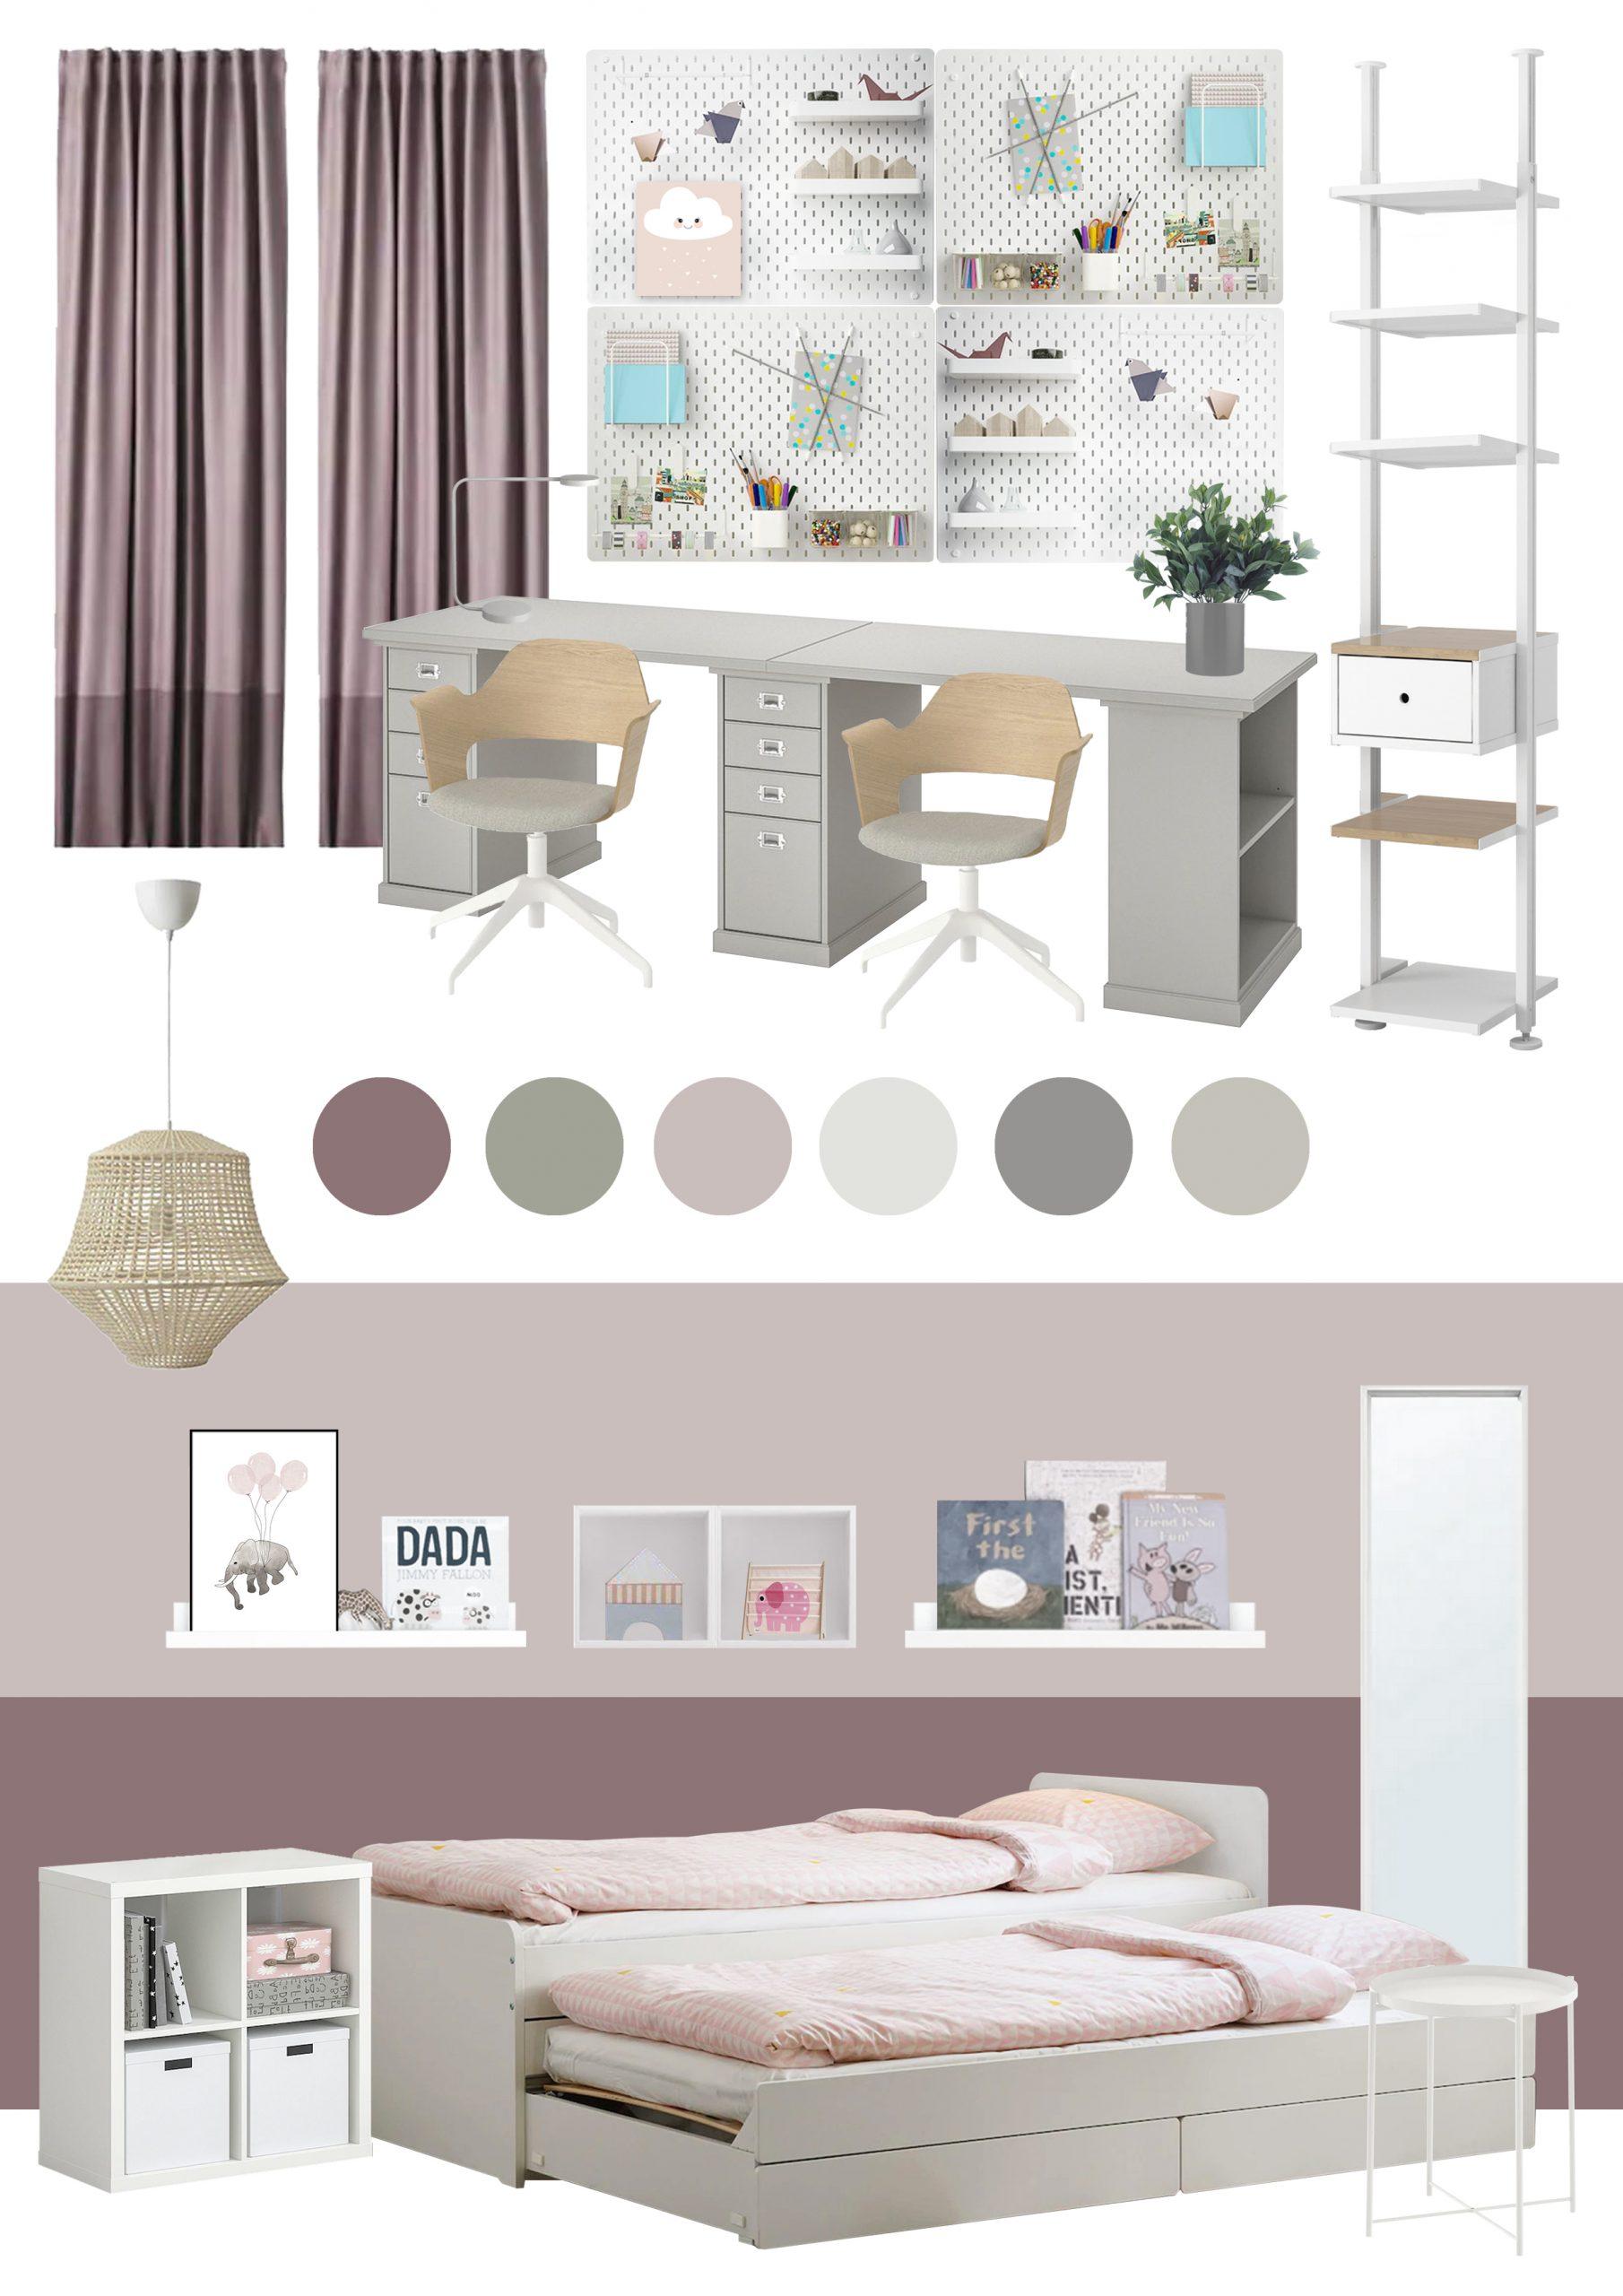 Appartamento in Cernusco sul Naviglio - camera figlie - moodboard